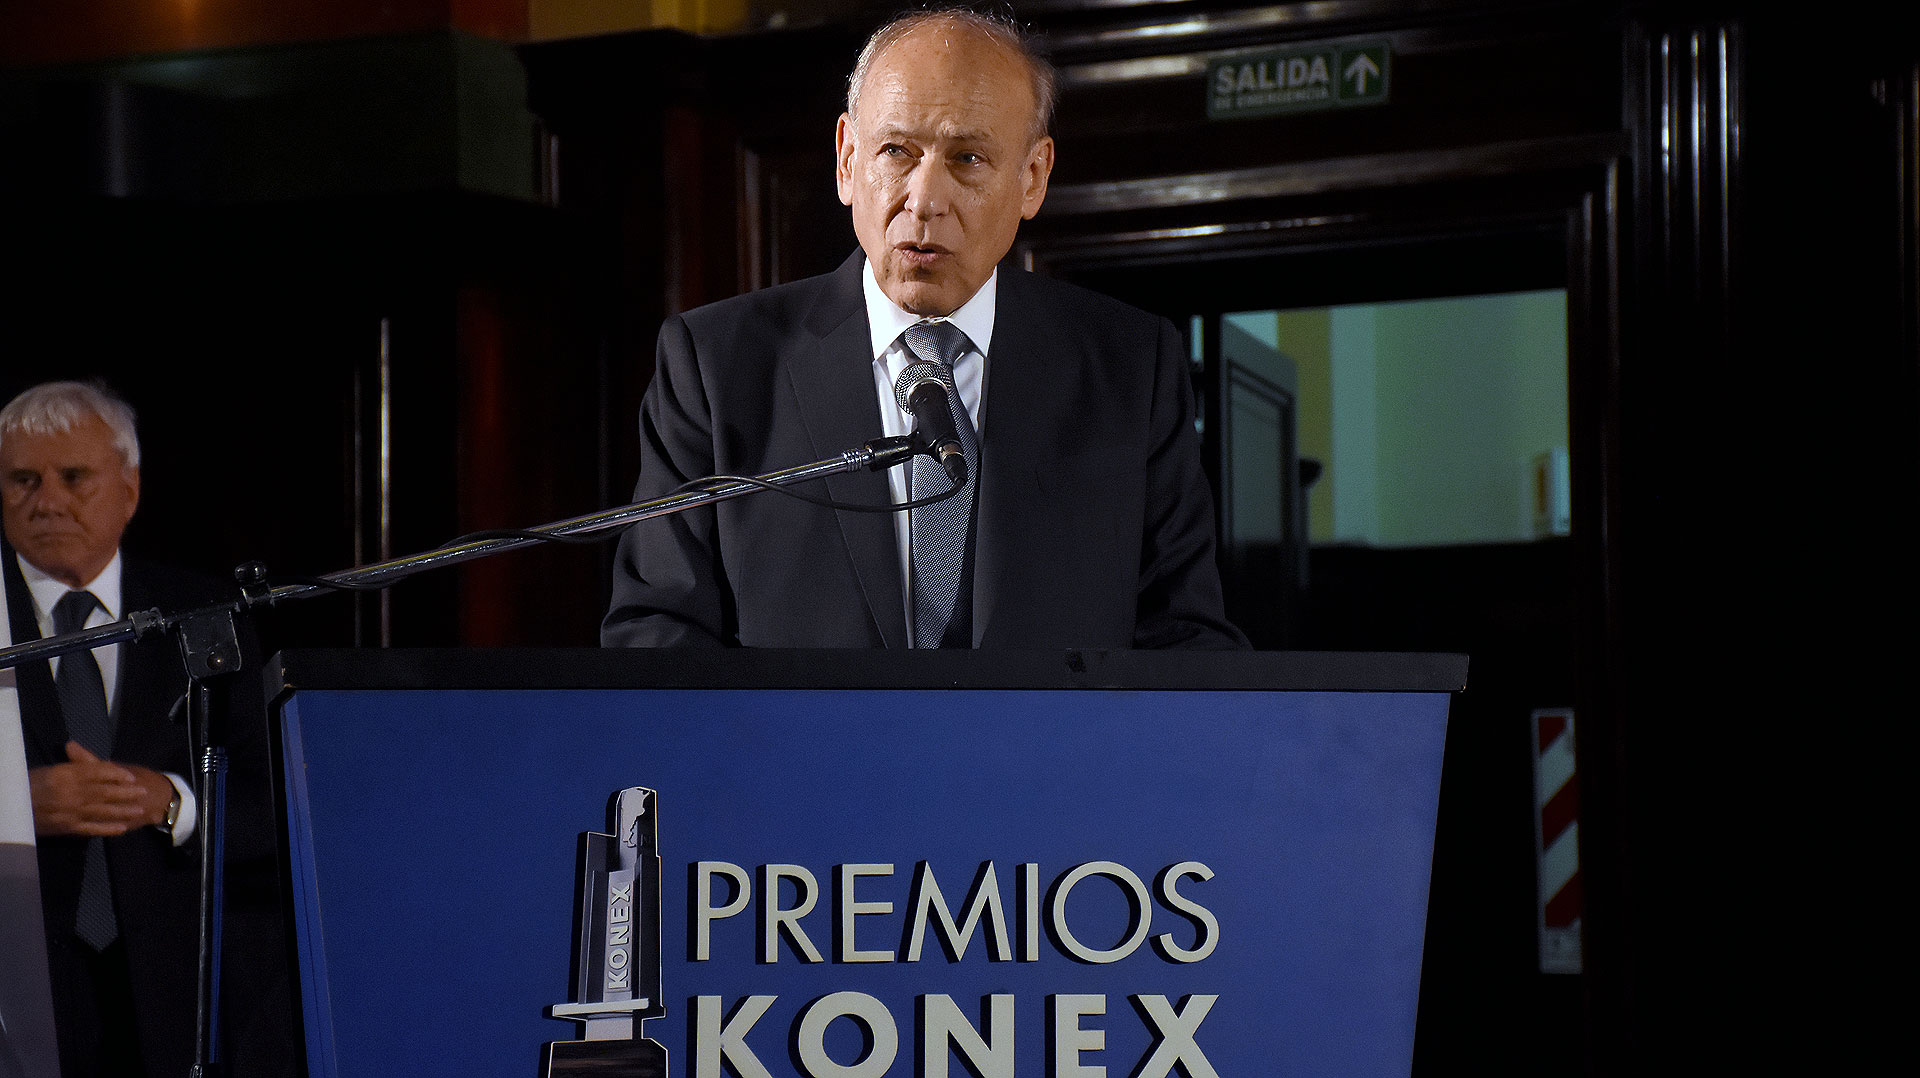 Luis Ovsejevich brindó unas palabras de agradecimiento en su discurso de bienvenida en el salón de actos de la Facultad de Derecho